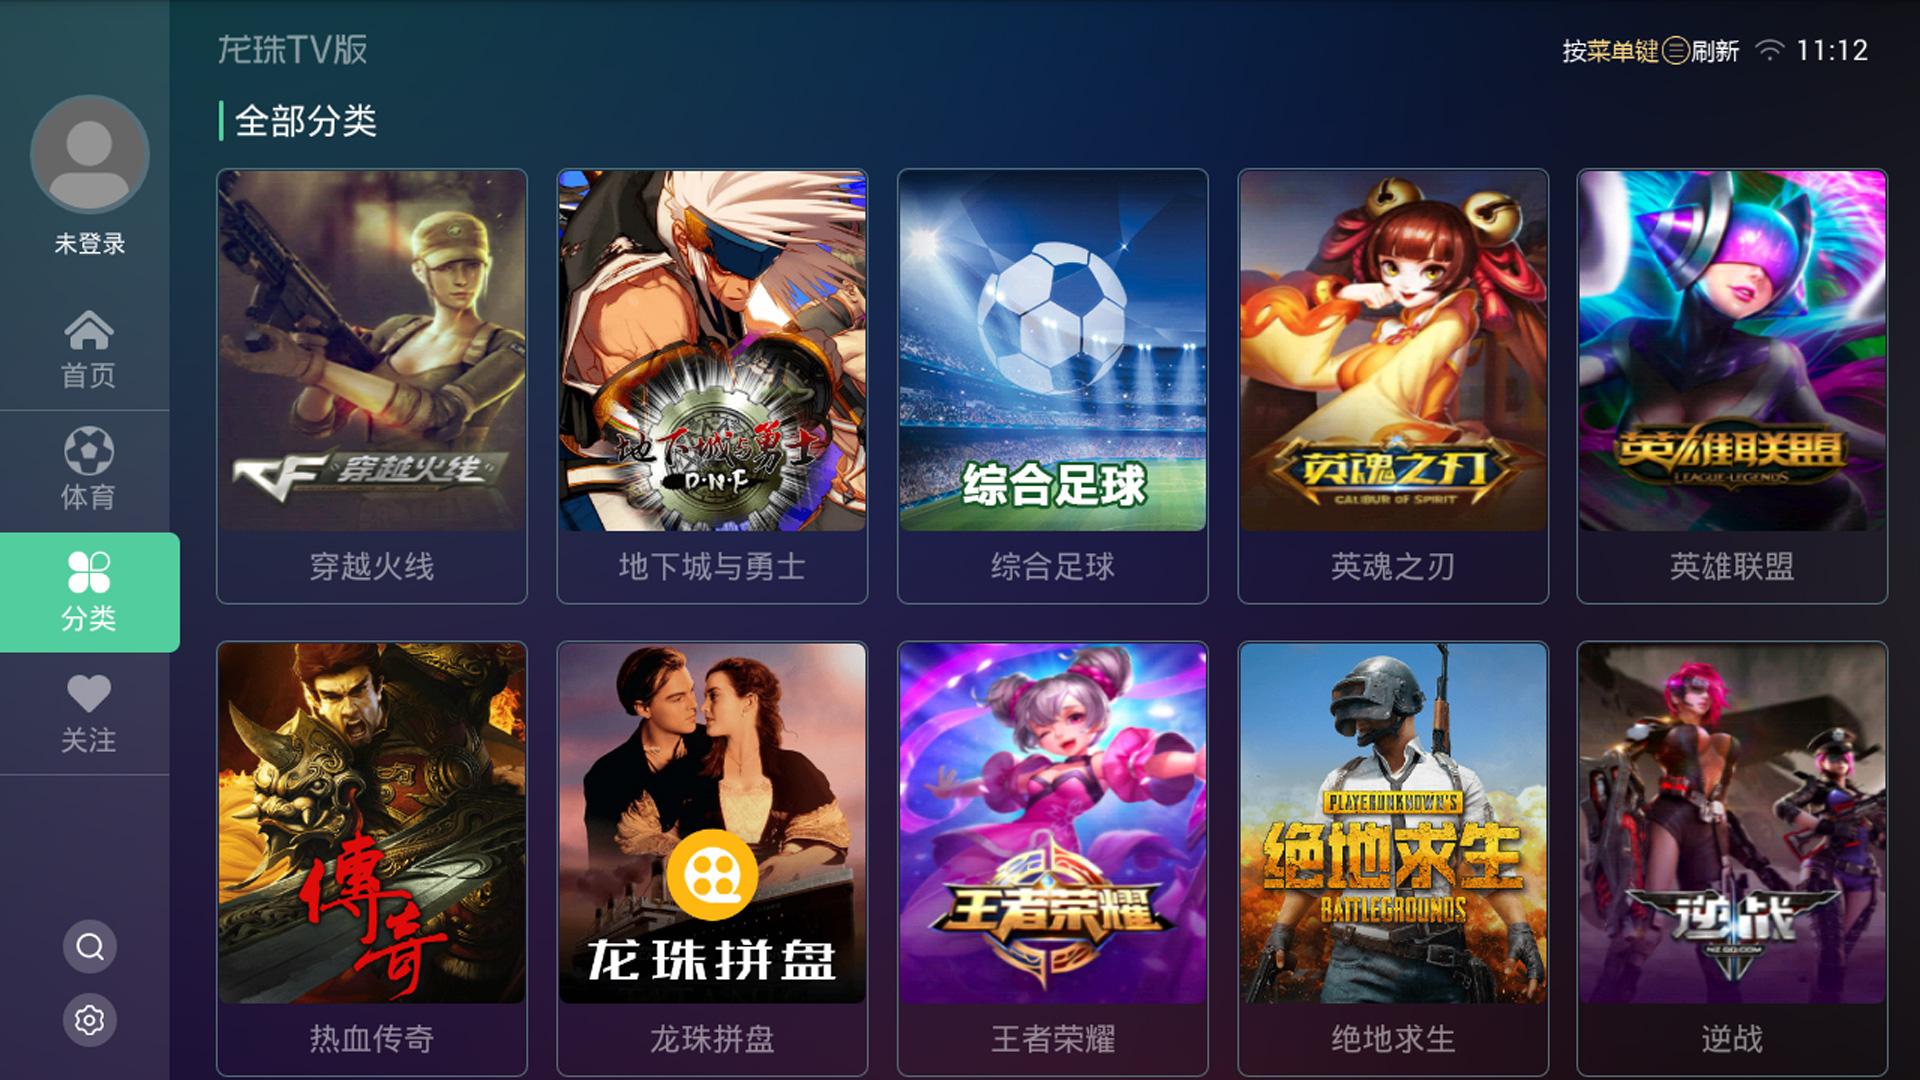 龙珠TV版